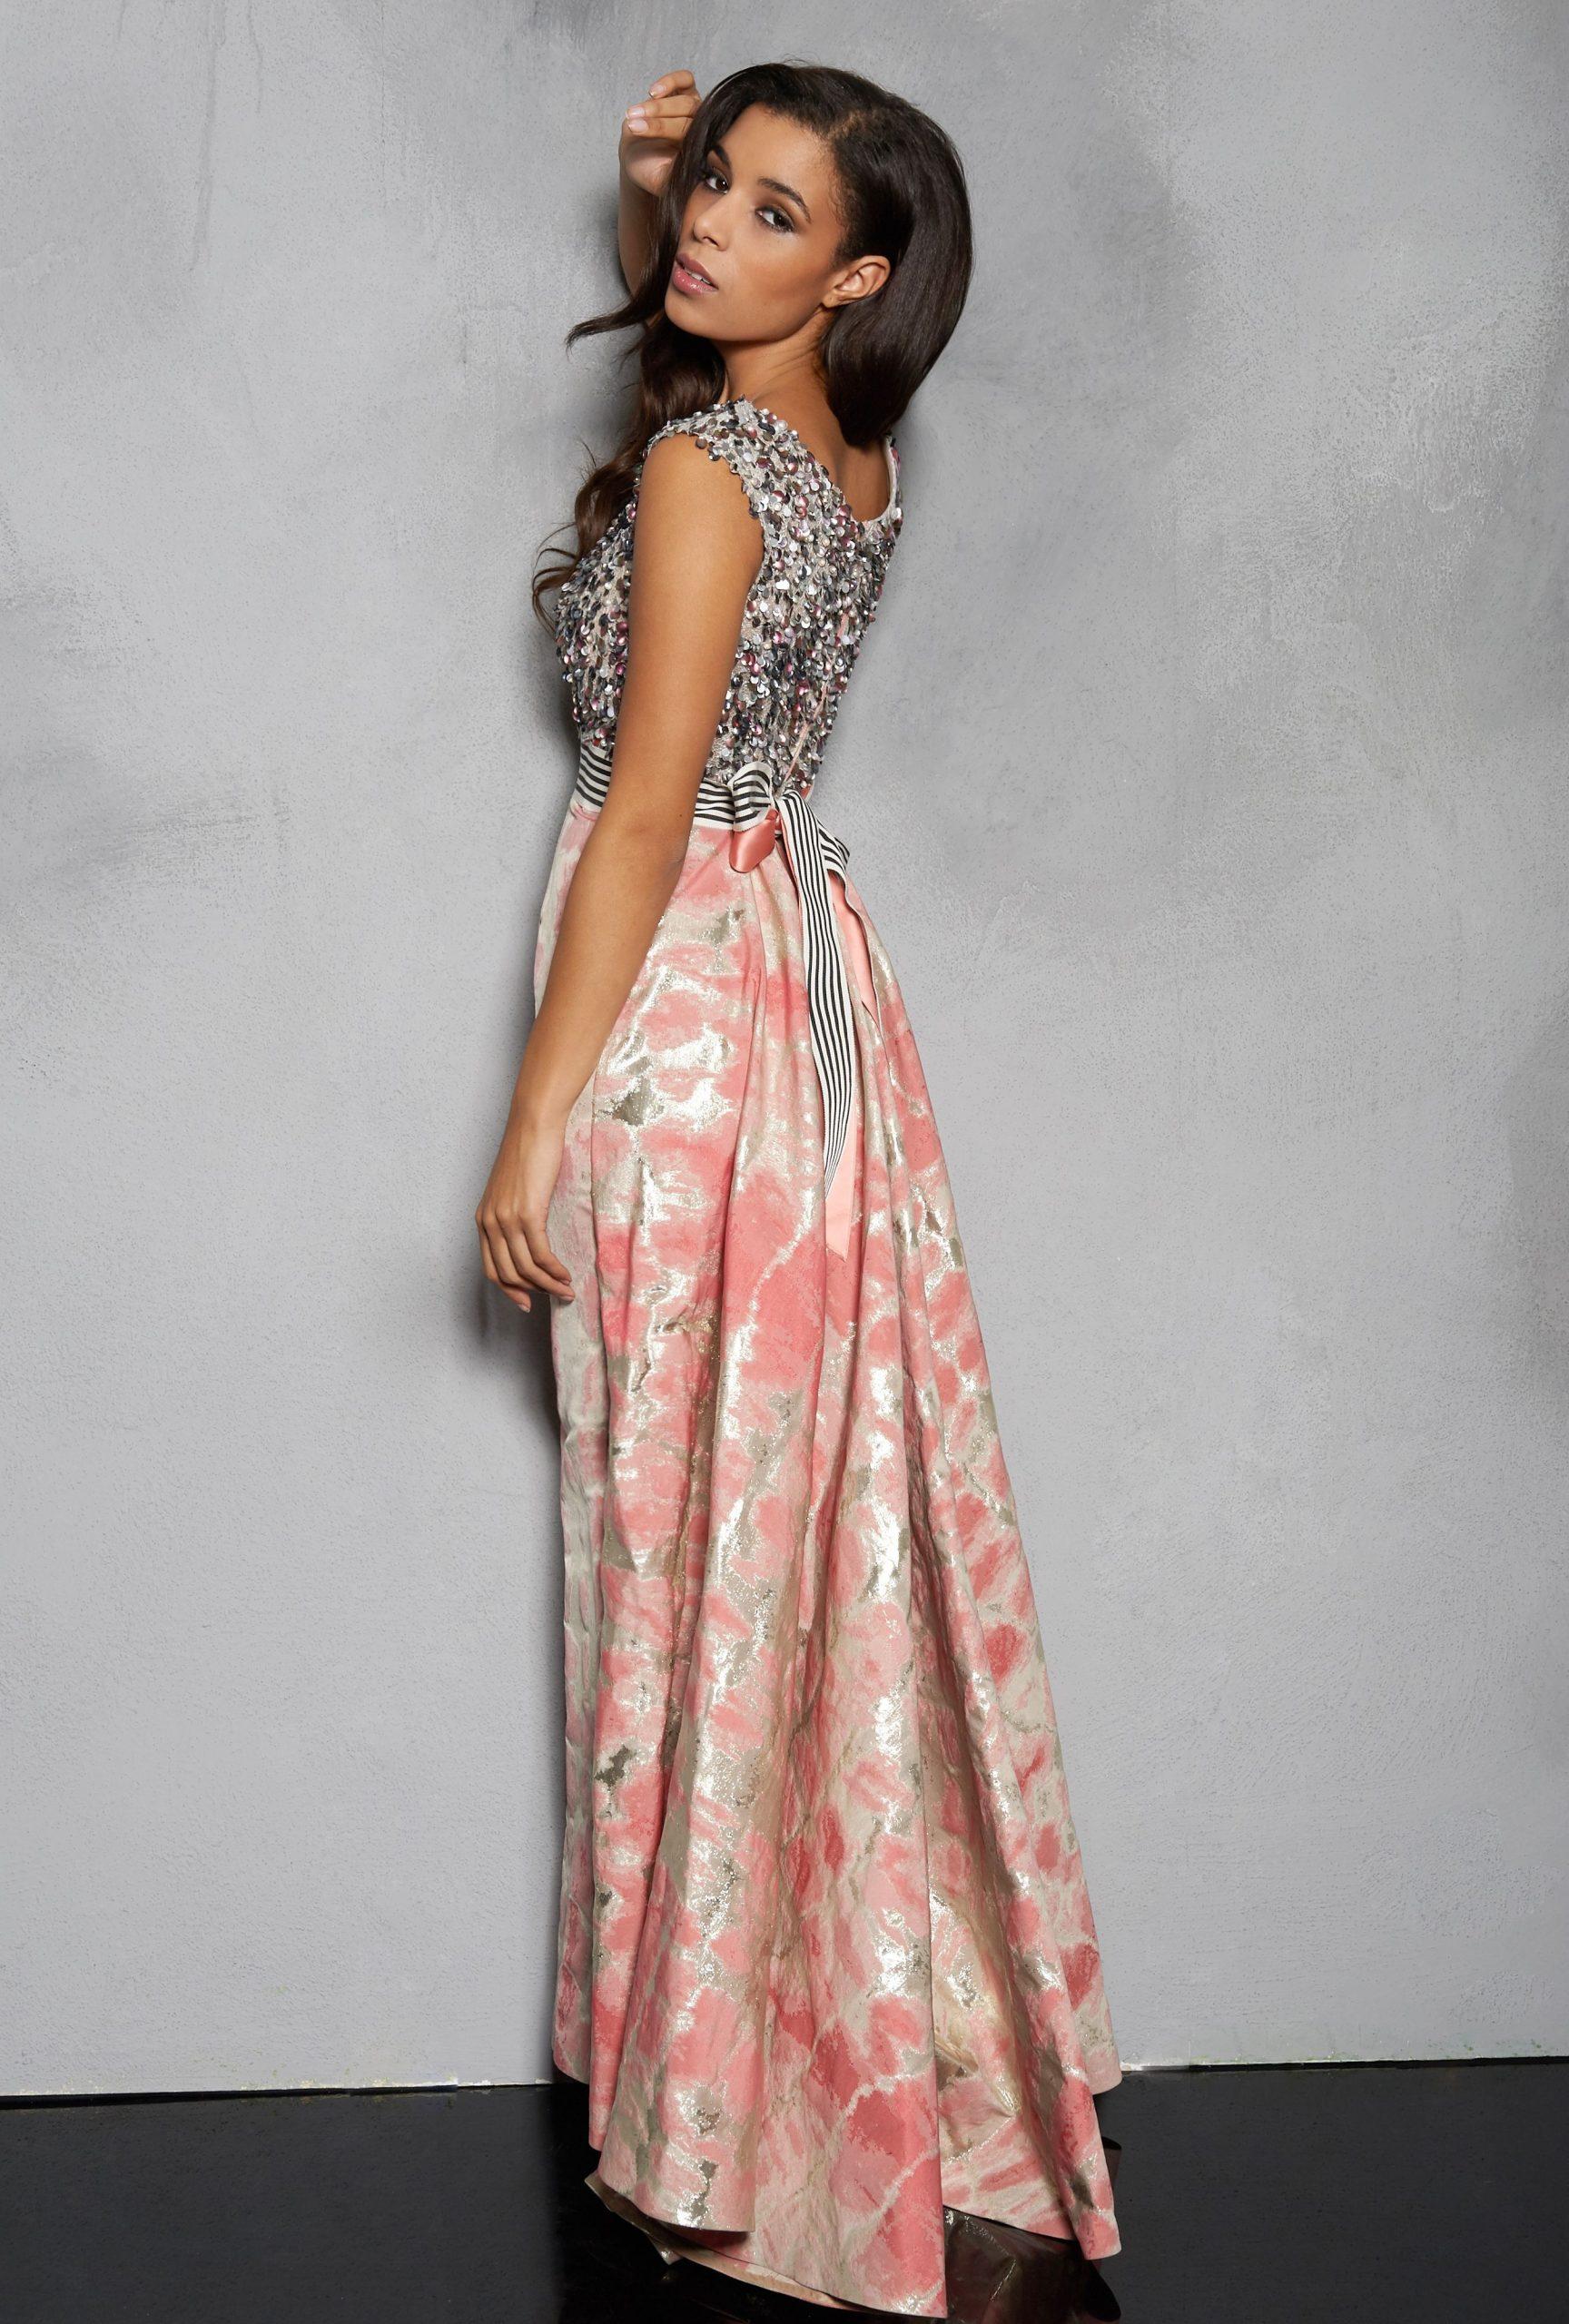 17 Fantastisch Abendkleider Ausleihen Spezialgebiet Perfekt Abendkleider Ausleihen Boutique